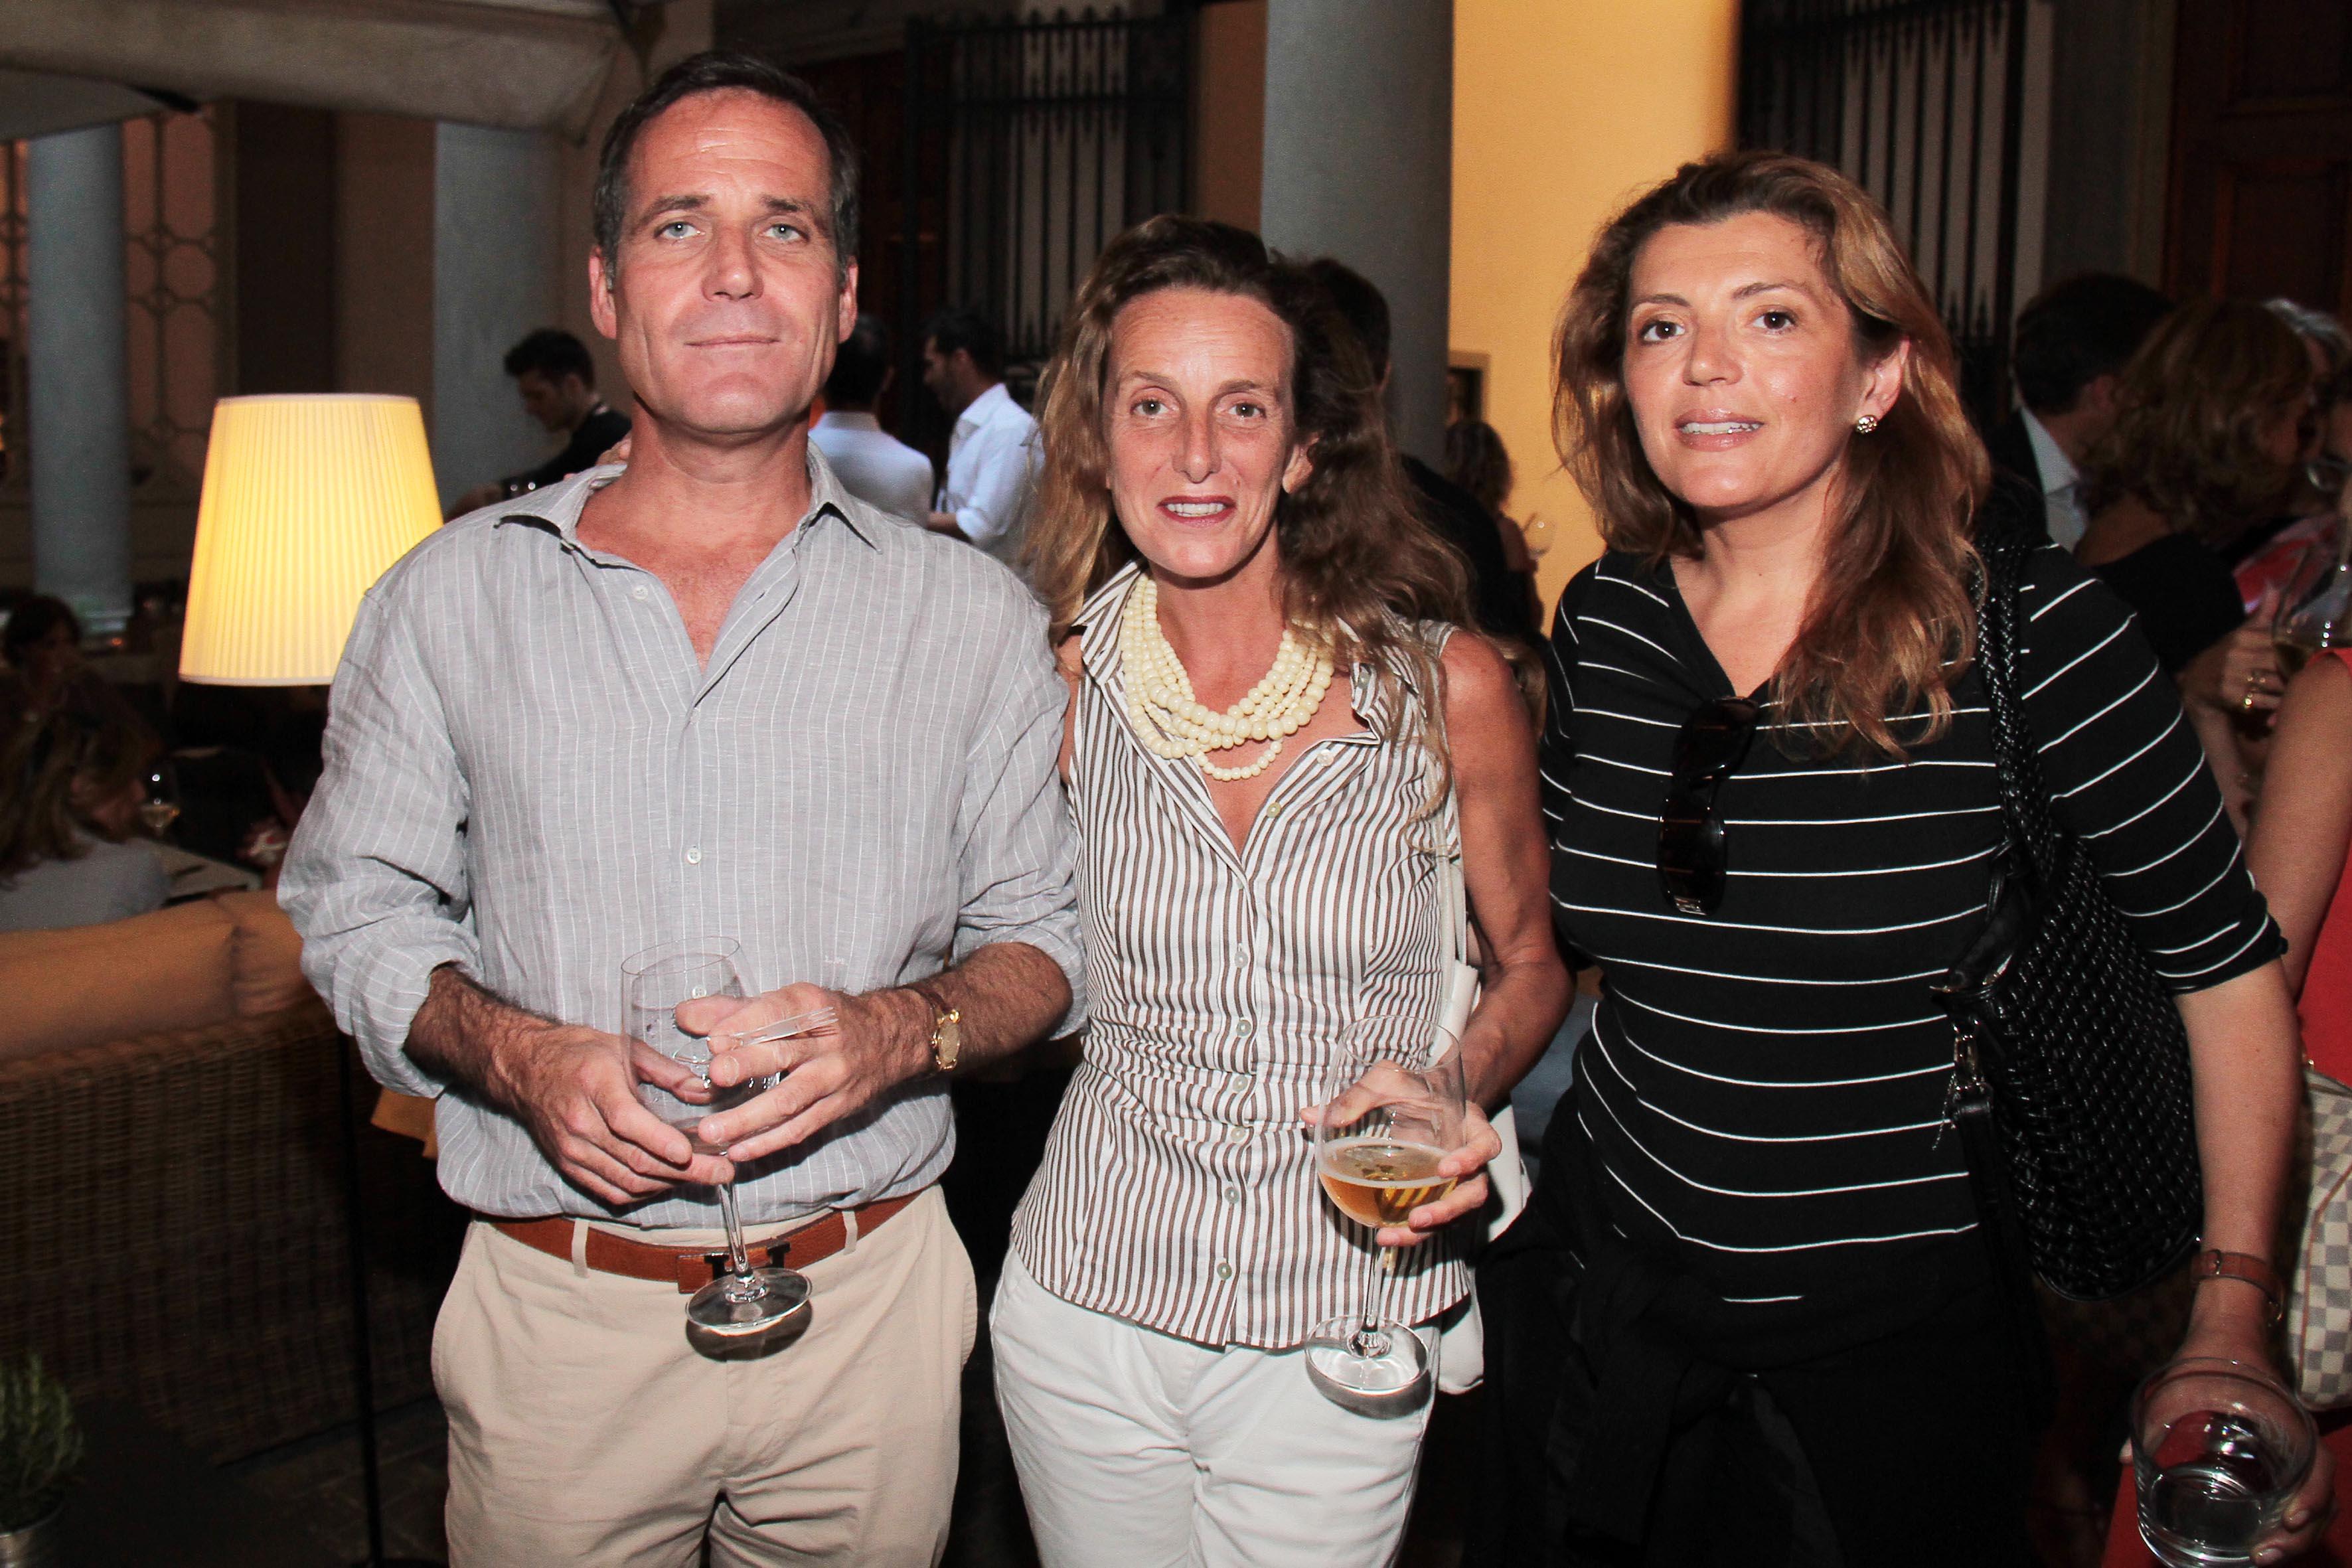 PRESSPHOTO Firenze, Obikà aperitivo. Nella foto Lorenzo Mazzini, Laura Bartolozzi e Elisa Orioles  giuseppe cabras/new press photo